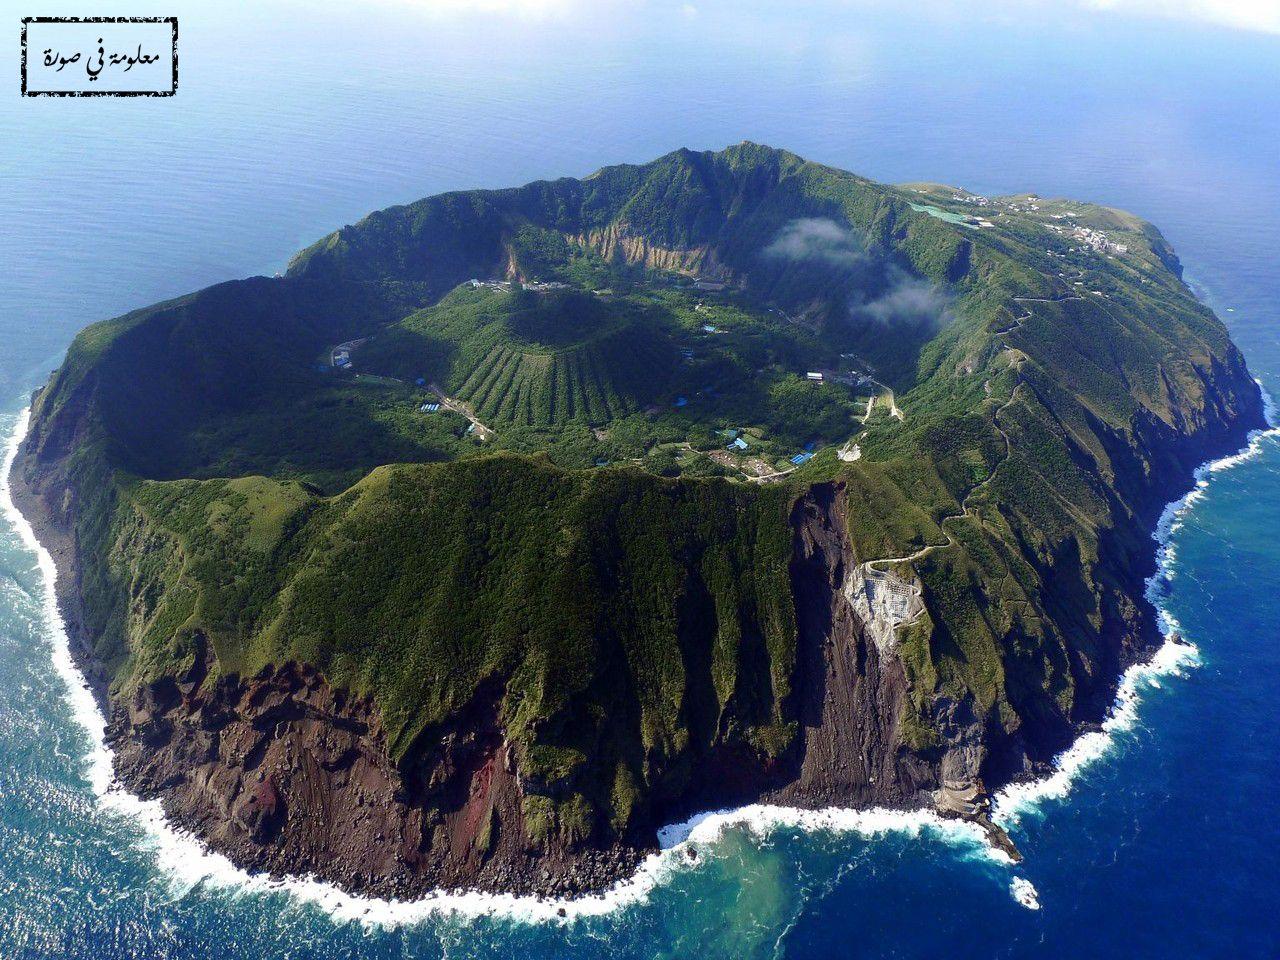 جزيرة أوغاشيما اليابانية هي جزيرة بركانية تقع في بحر الفيلبين تشكلت من تراكم حمم أكثر من ثوران بركاني Breathtaking Places Places To See Incredible Places